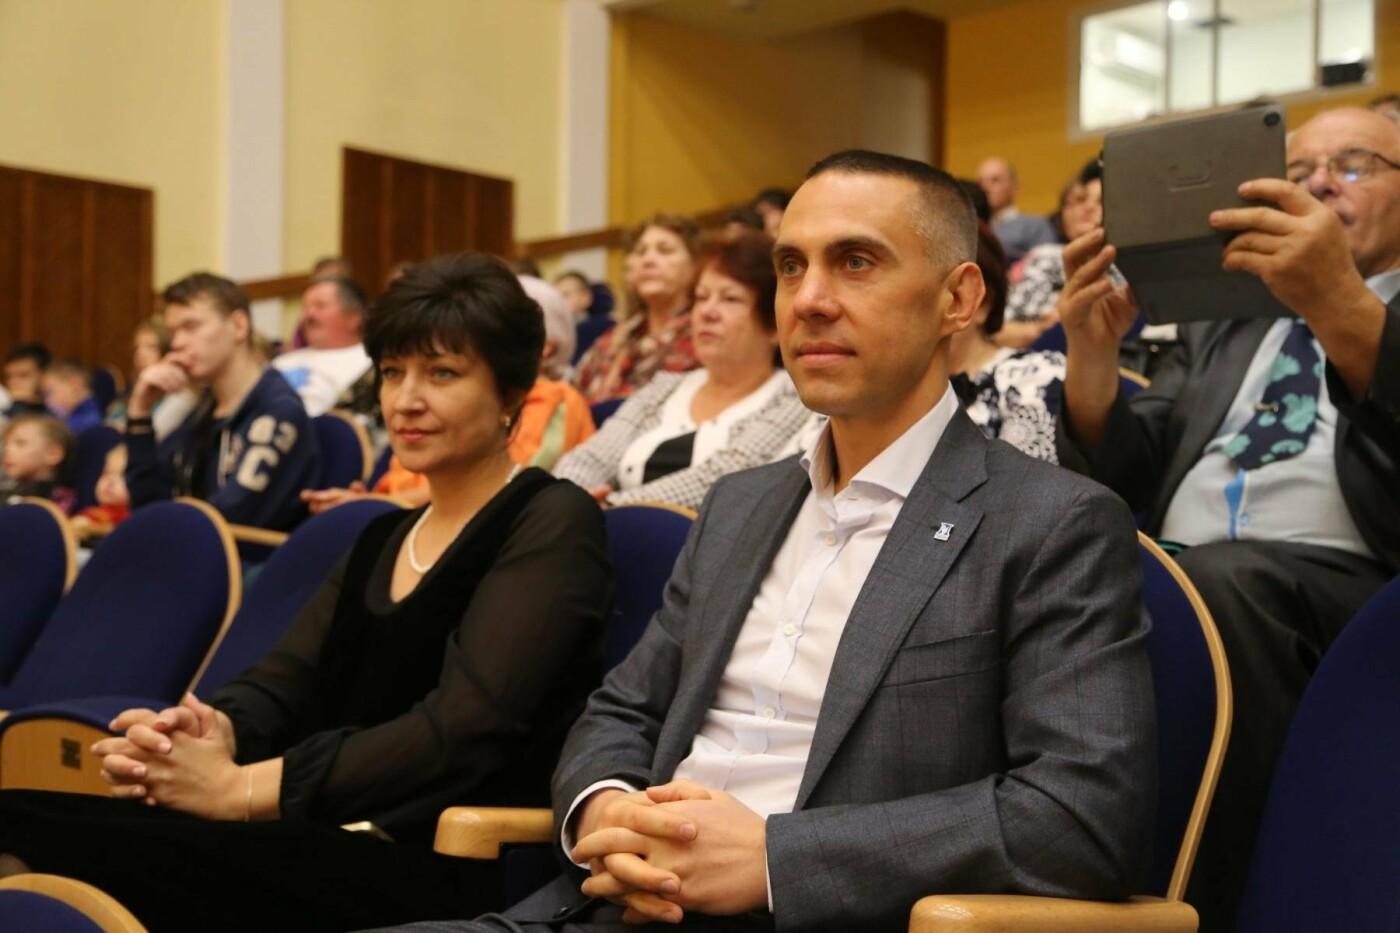 В Белгороде подвели итоги II фестиваля-марафона «Мир равных возможностей», фото-9